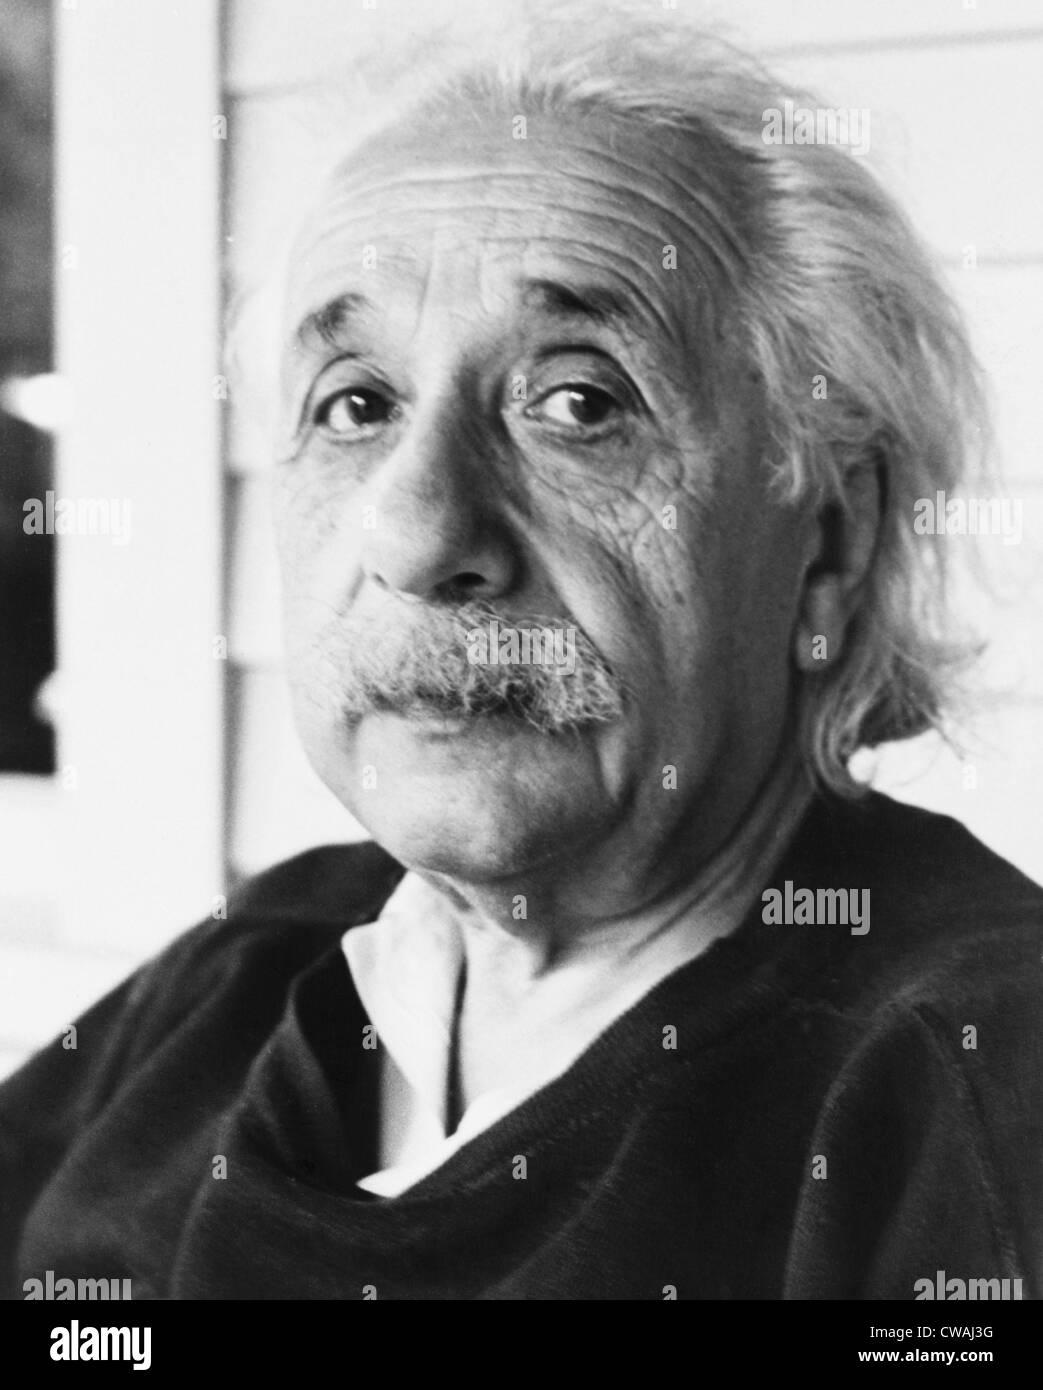 Albert Einstein (1879-1955) nel 1945. Nonostante il suo pacifismo, nel 1939 ha lanciato un appello a Franklin Roosevelt Immagini Stock